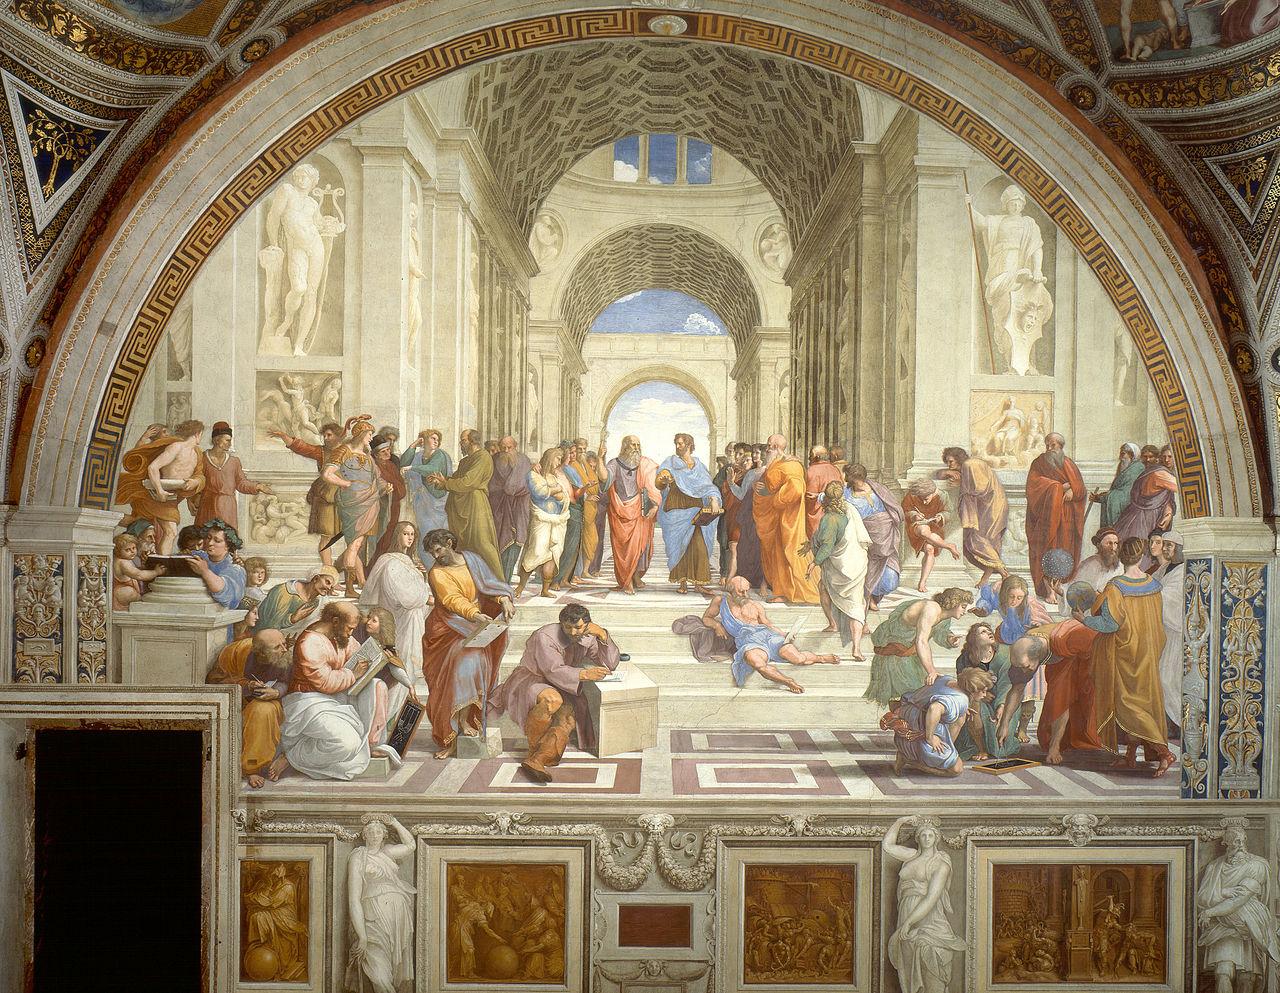 L'autentico significato della Scuola di Atene di Raffaello – Gaetano Barbella